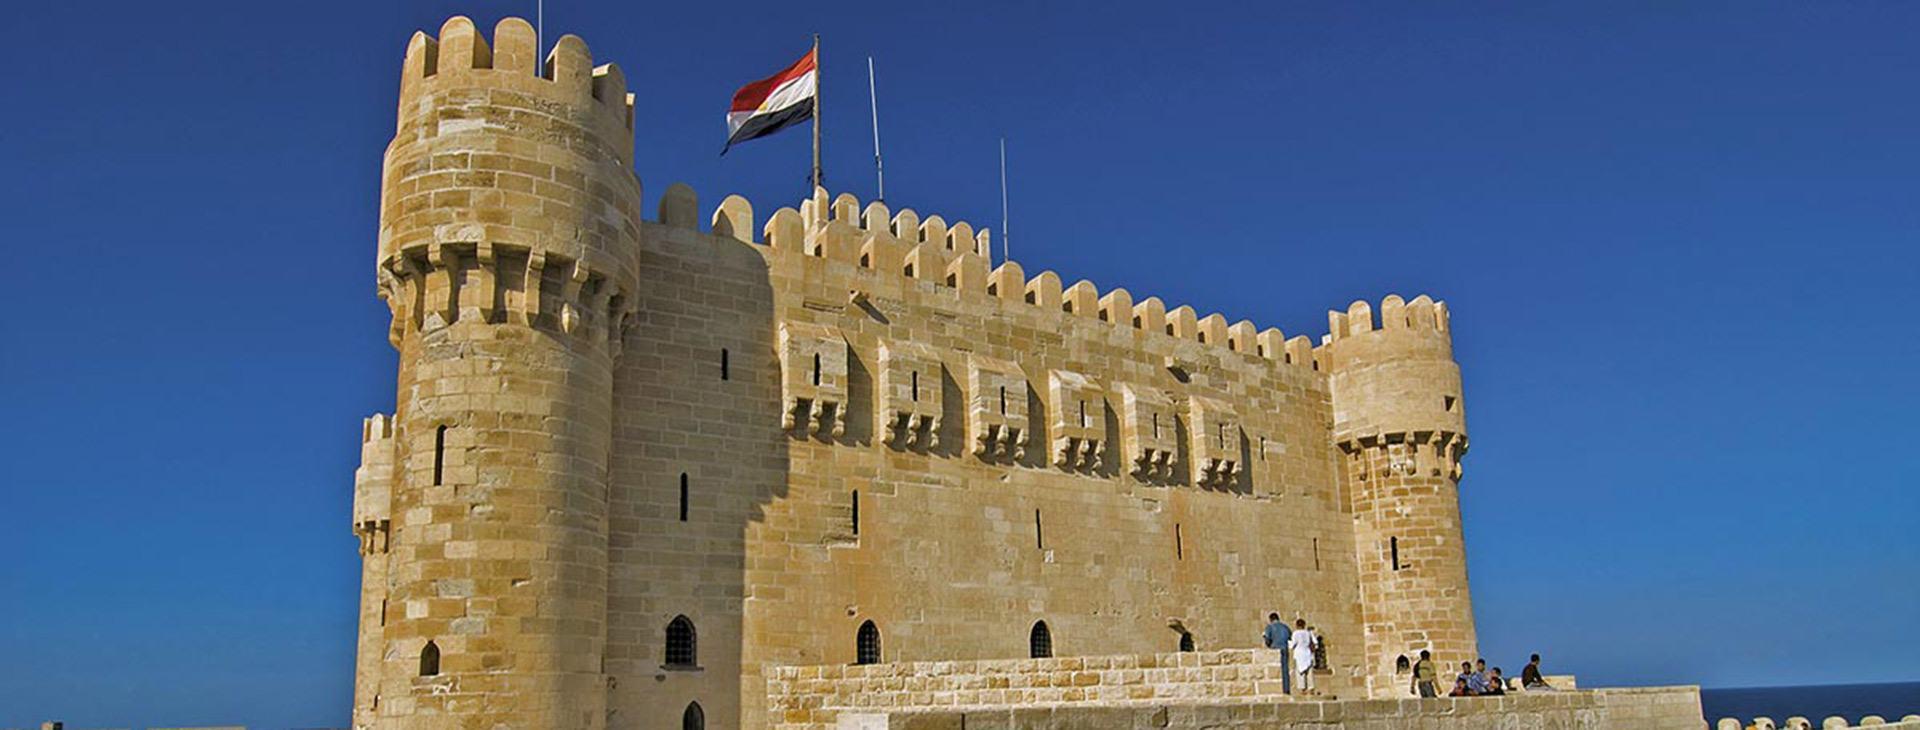 Alexandria datování egypt